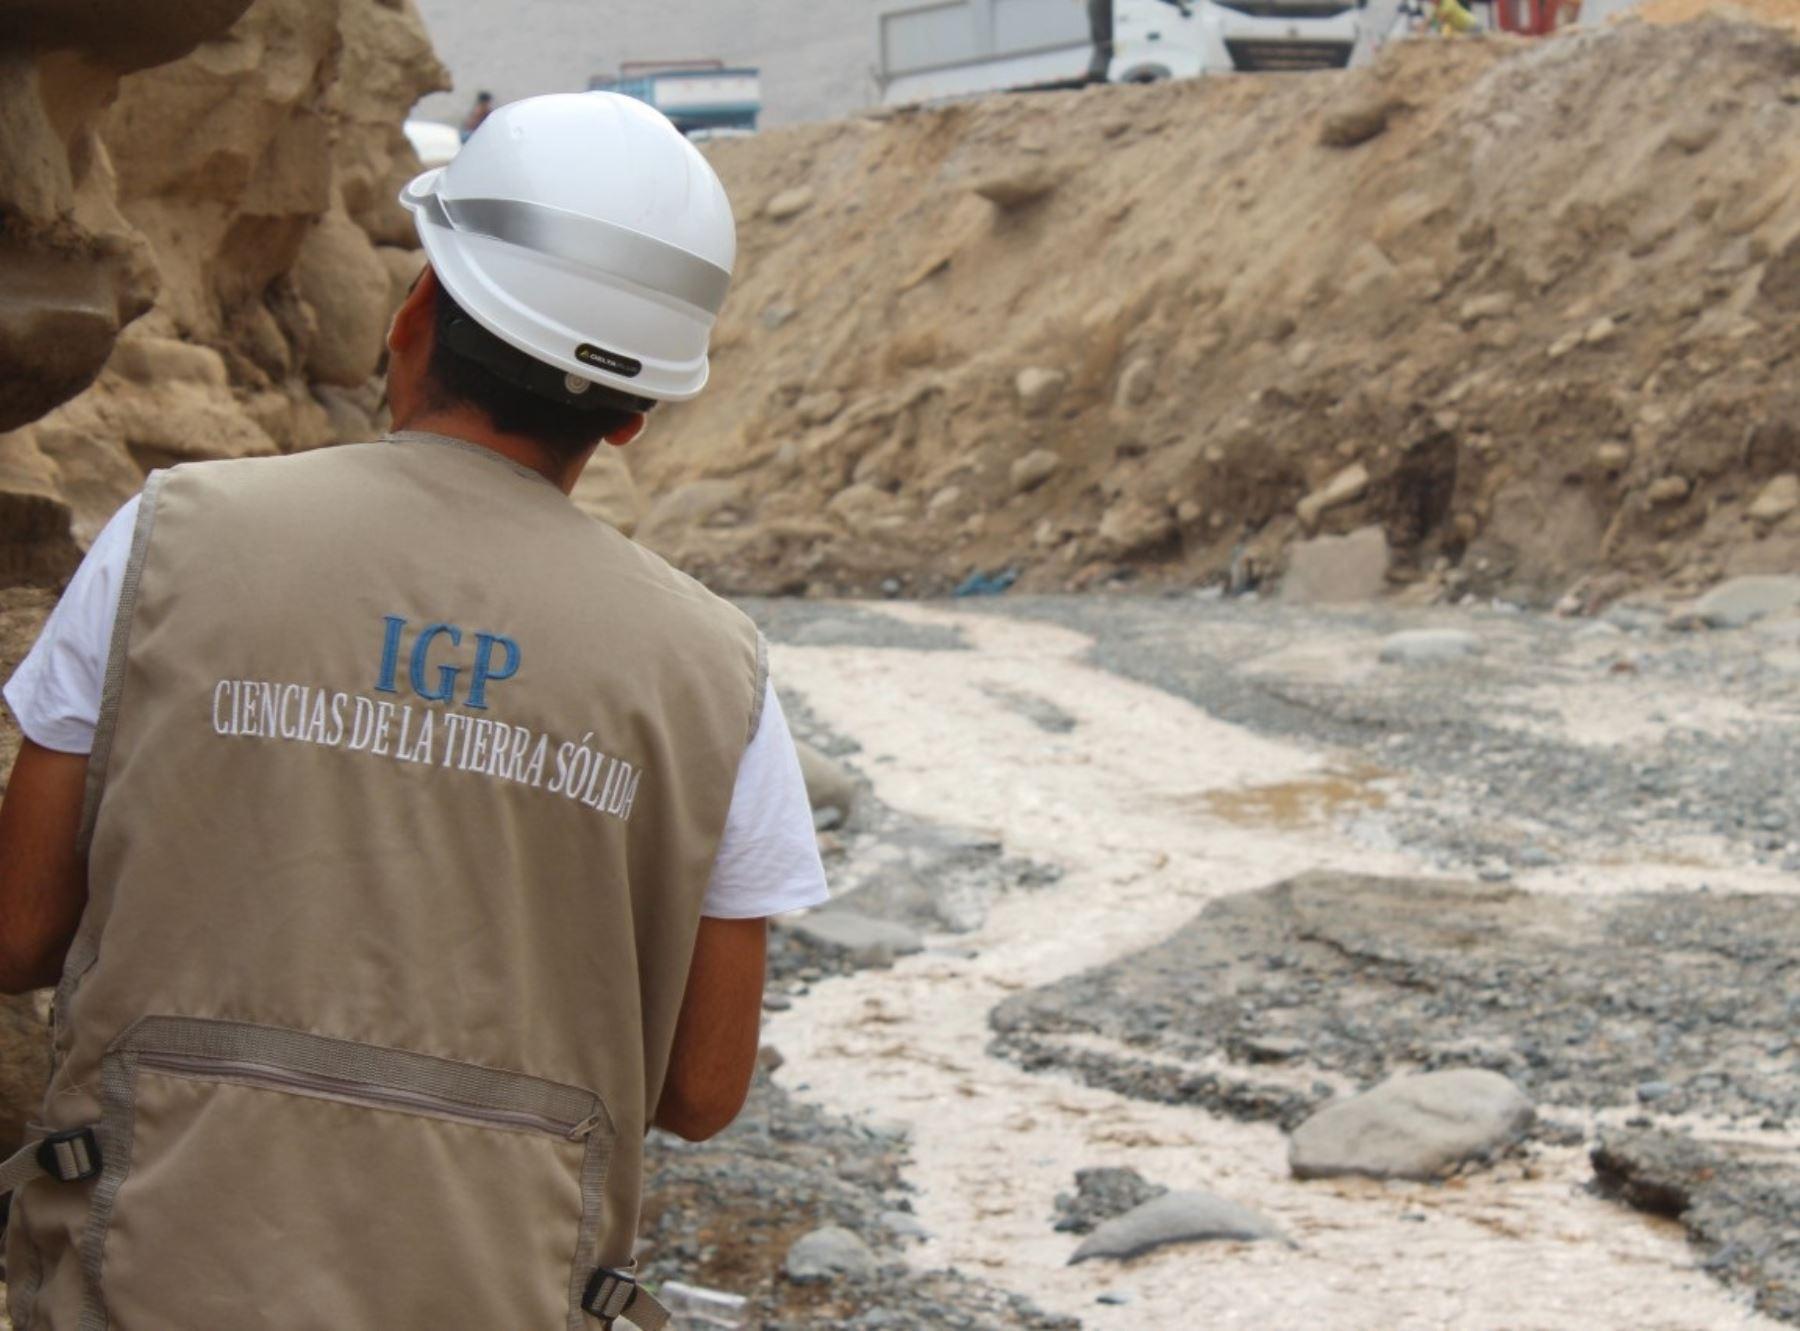 El IGP propone implementar un sistema de alerta de huaicos en las regiones más afectadas por lluvias intensas y desborde de ríos. ANDINA/Difusión